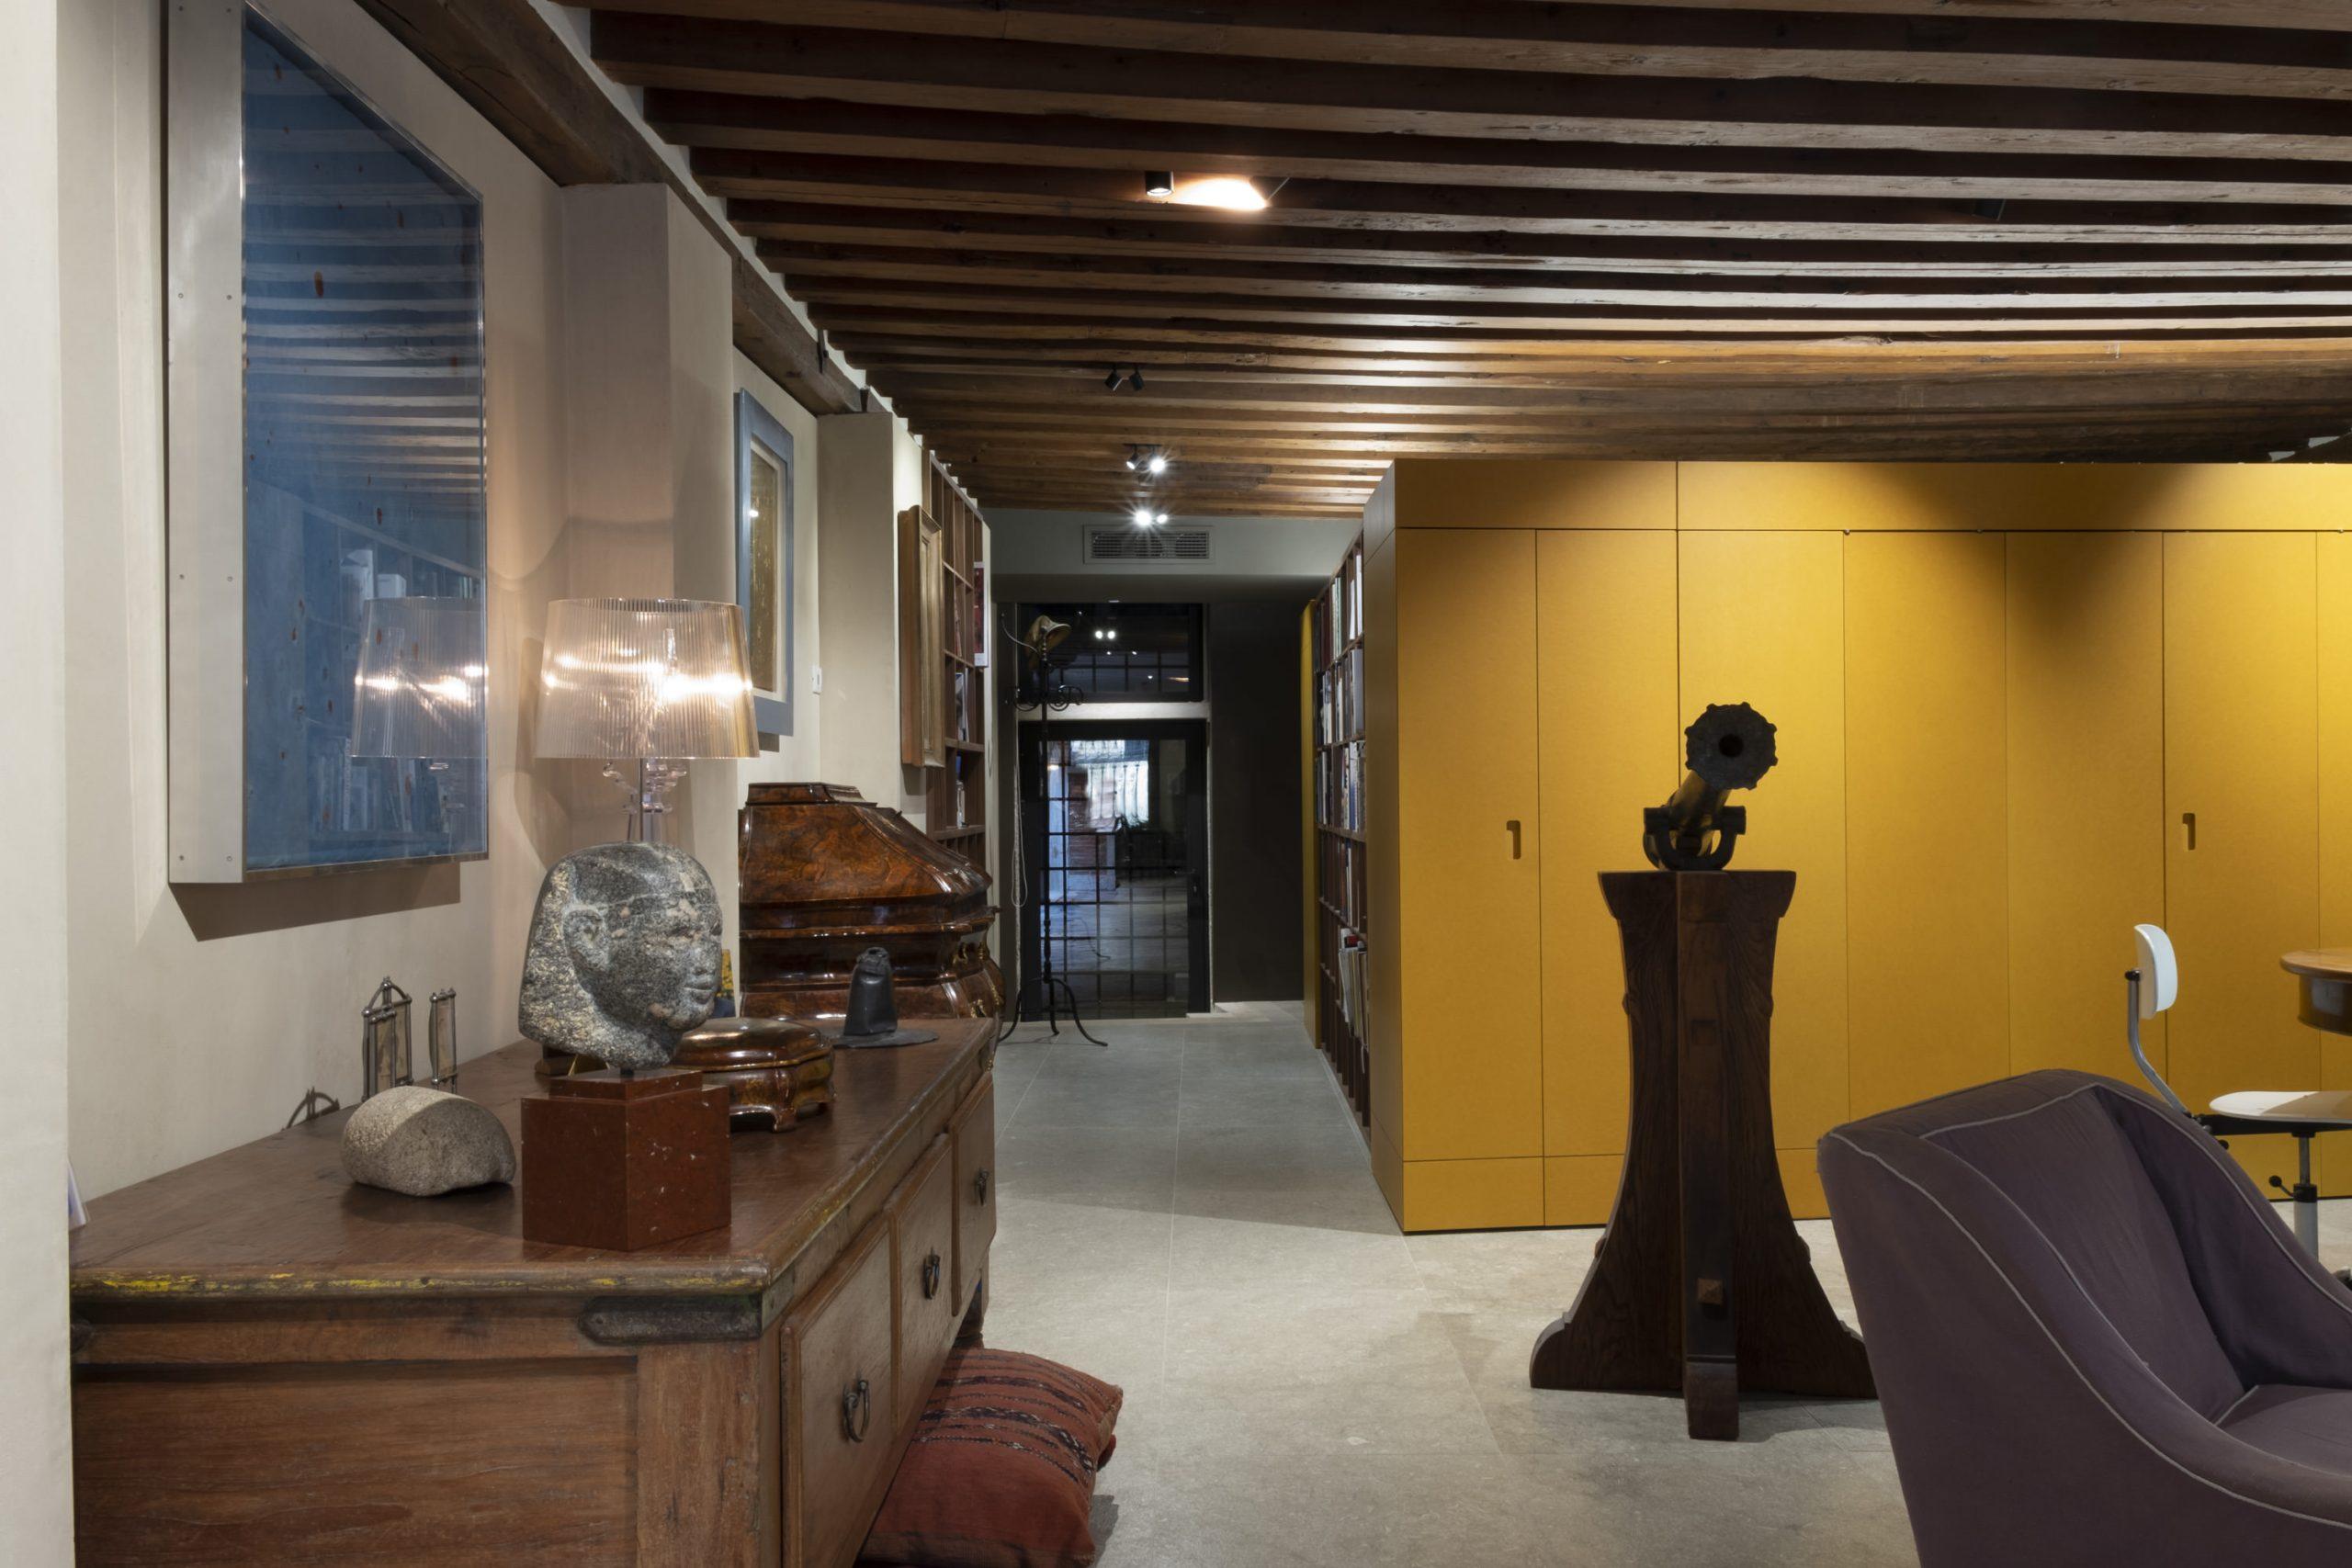 nicolaferiottistudio_casa-collezionista-11